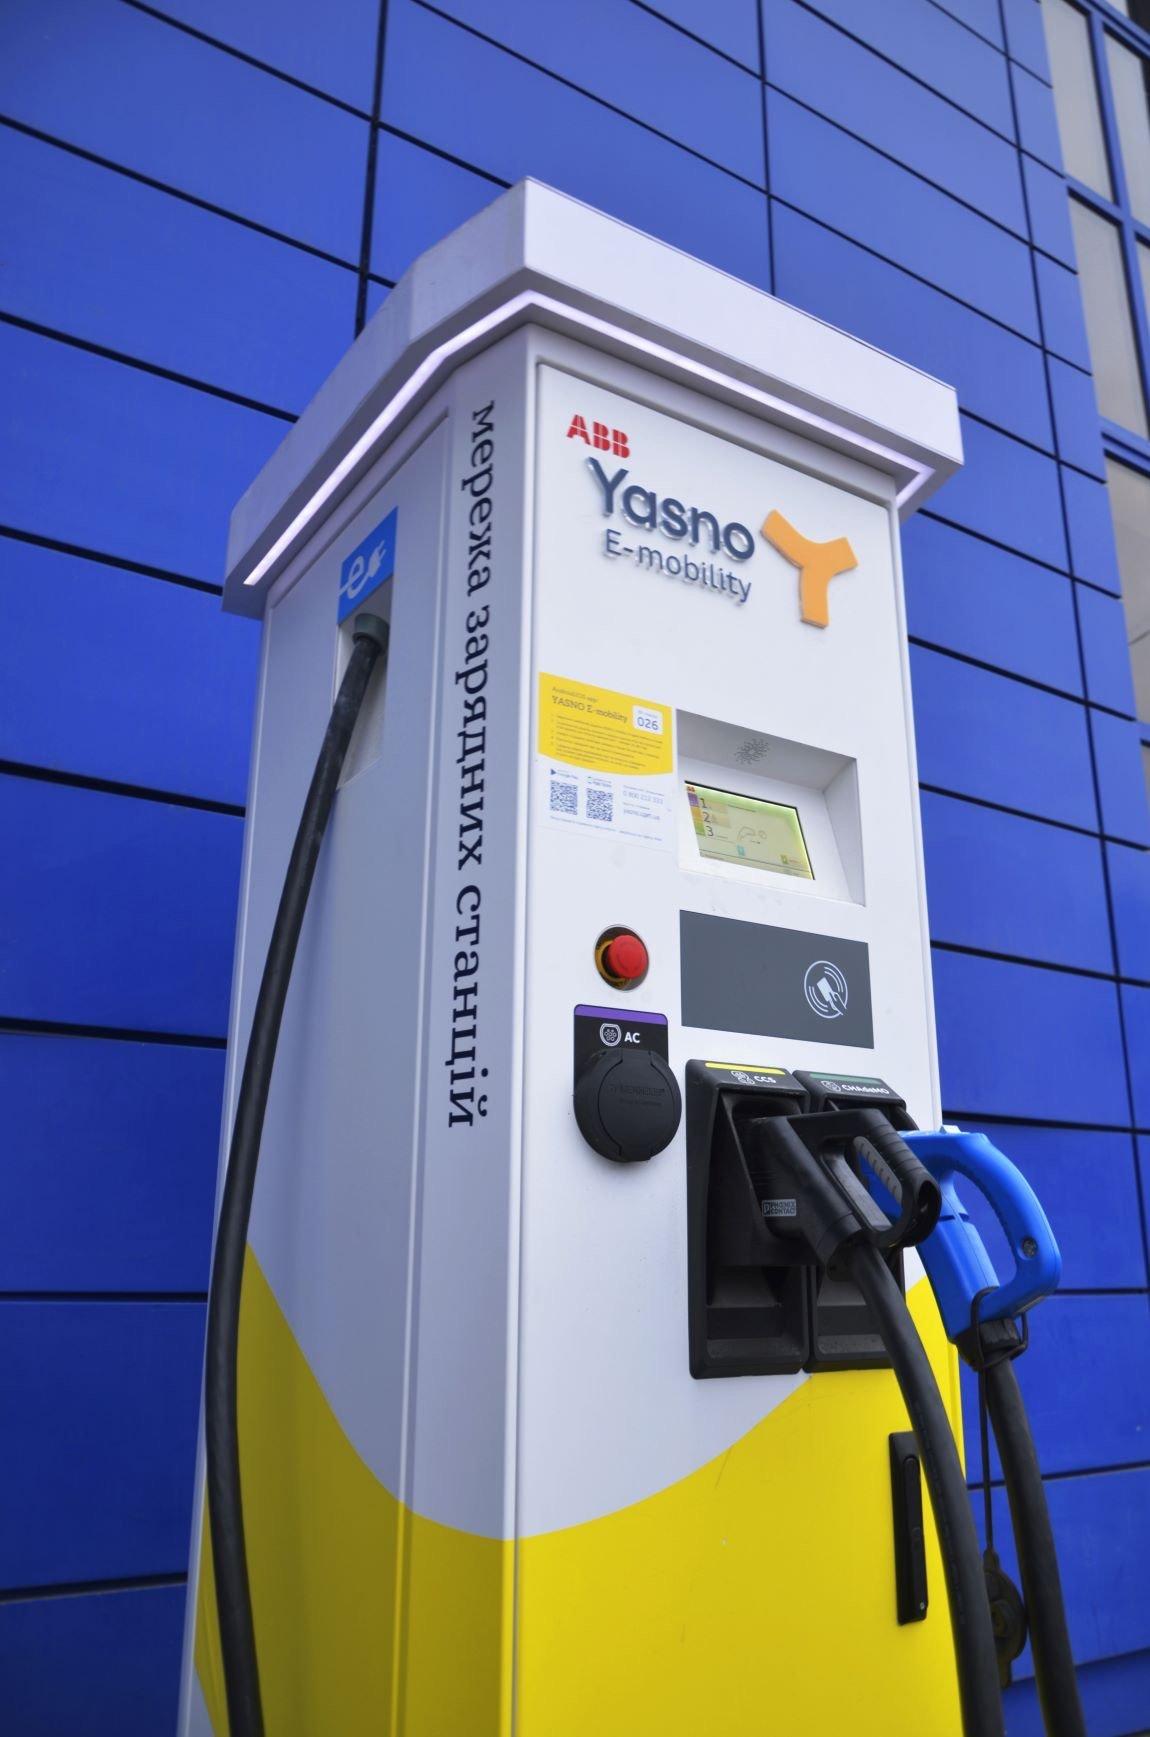 В Днепре появилась первая скоростная зарядная станция для электромобилей: как найти , фото-1